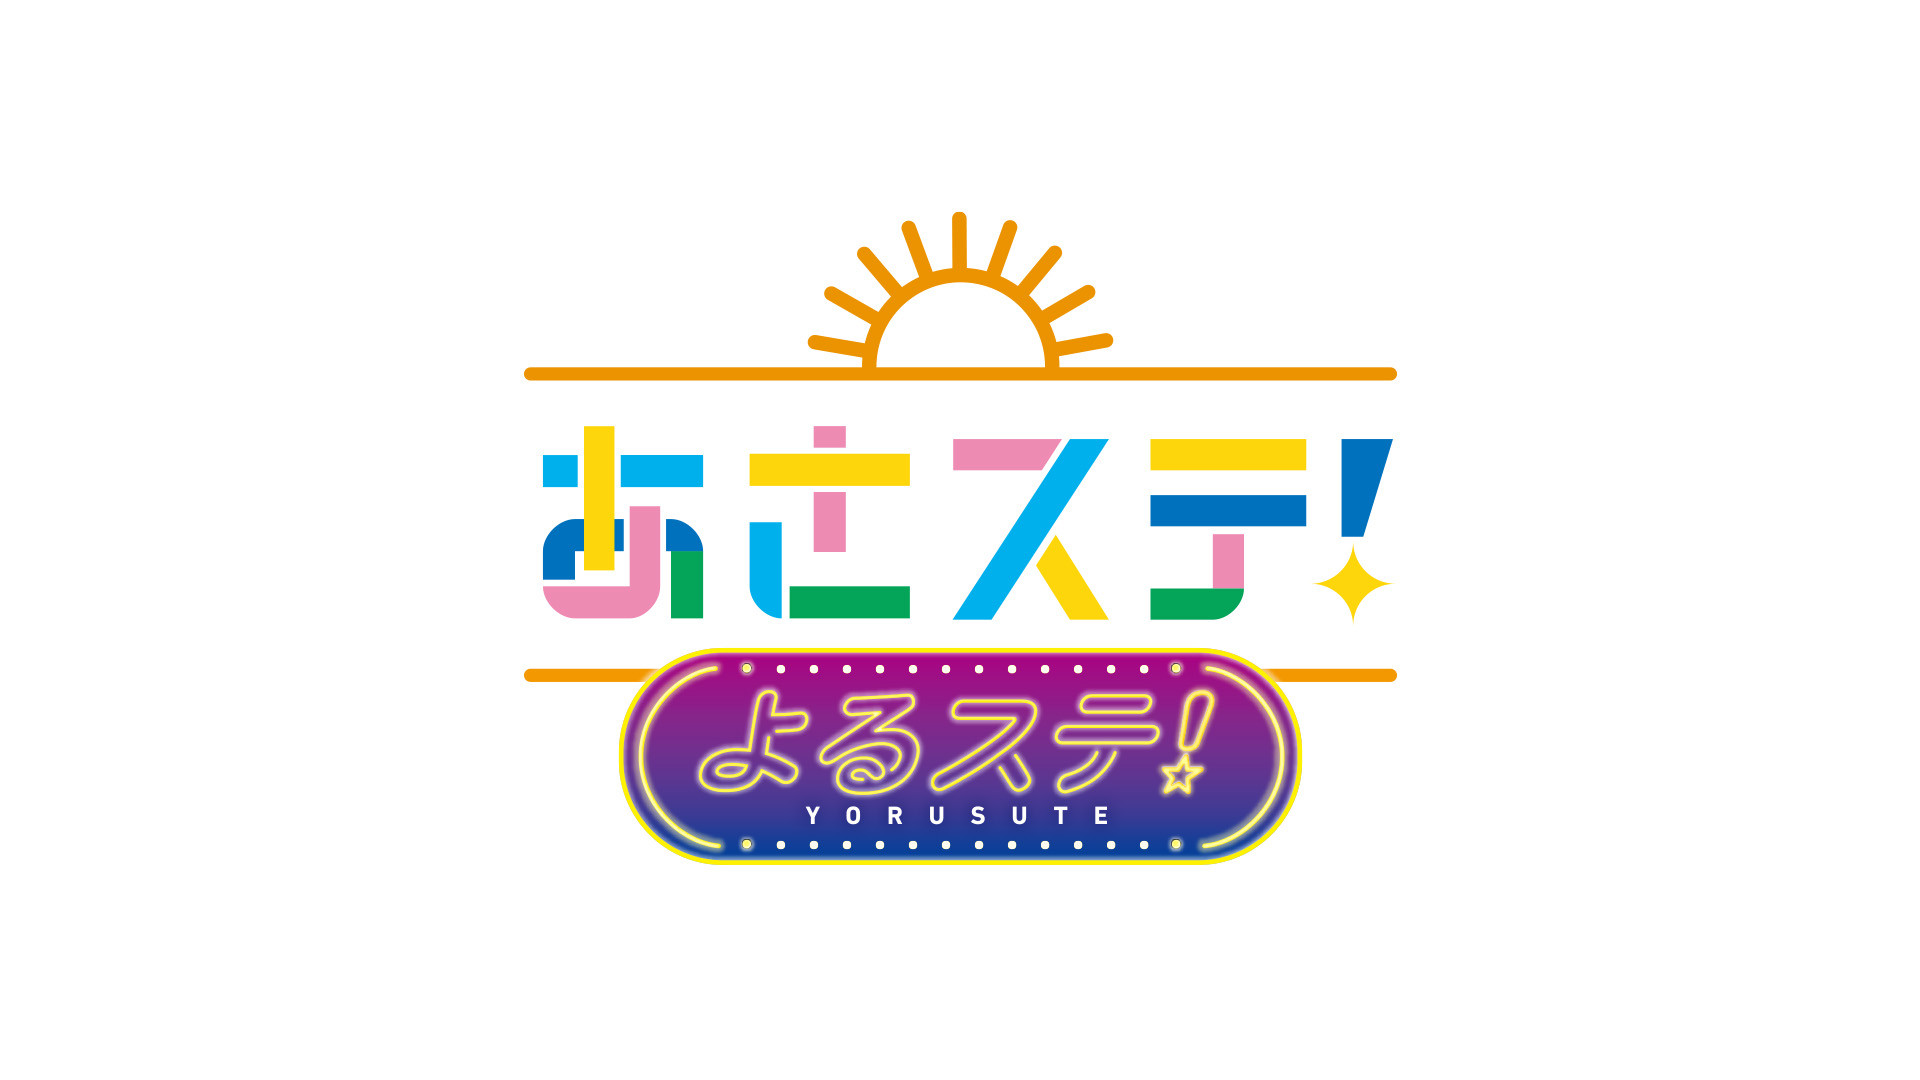 201911_asasute_yorusute_banner.jpg